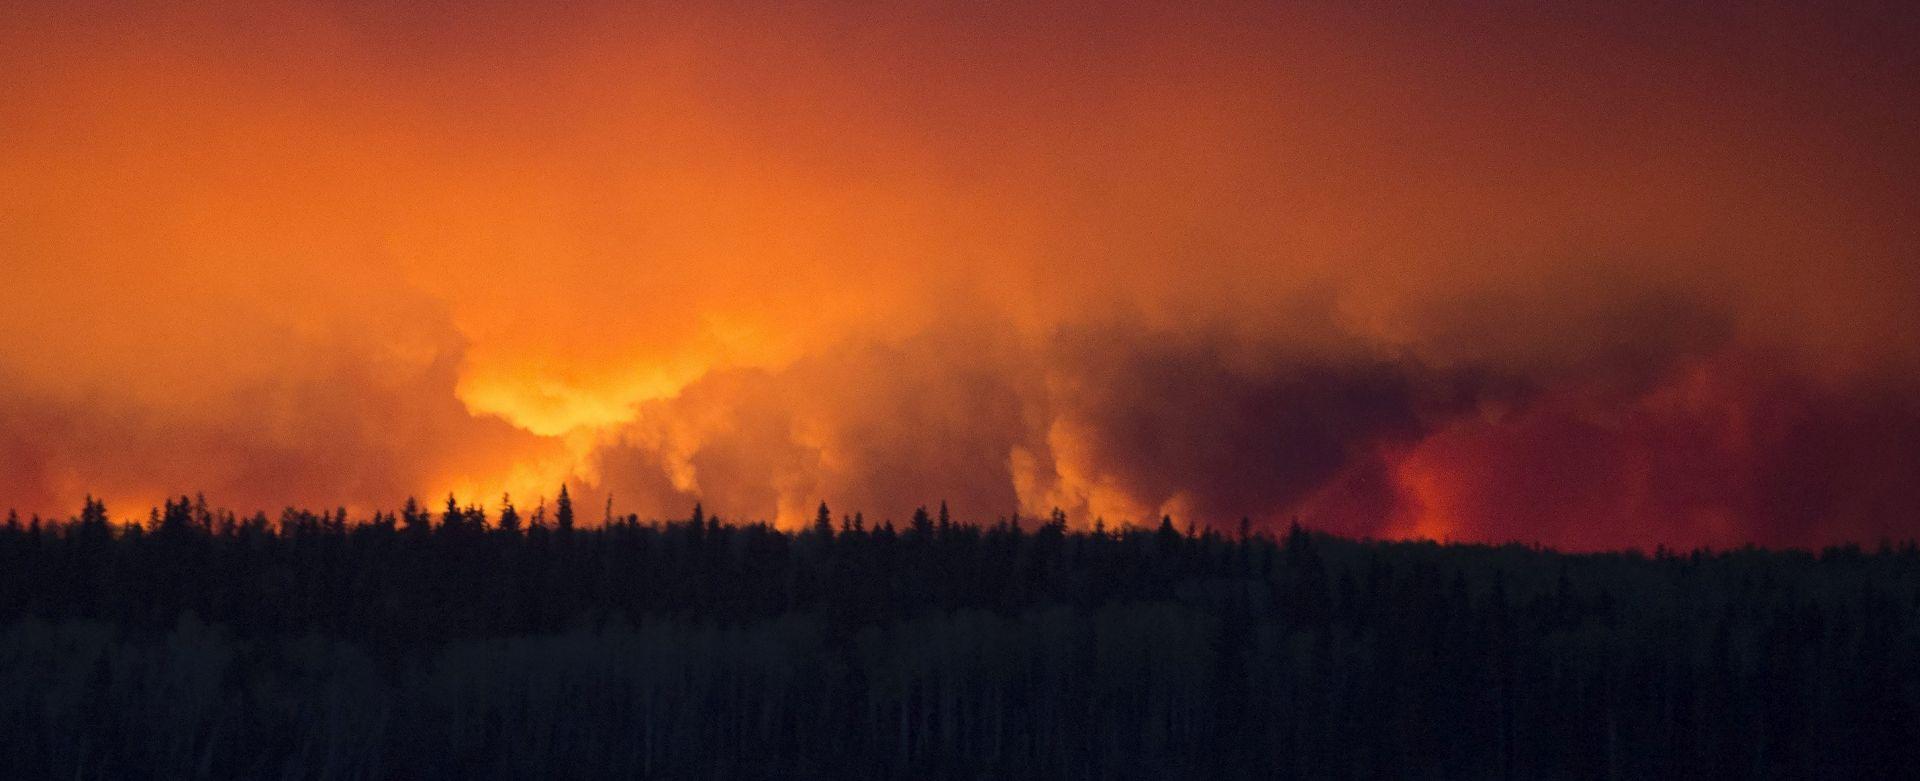 Hrvatske šume zaposlile više od 300 promatrača požara